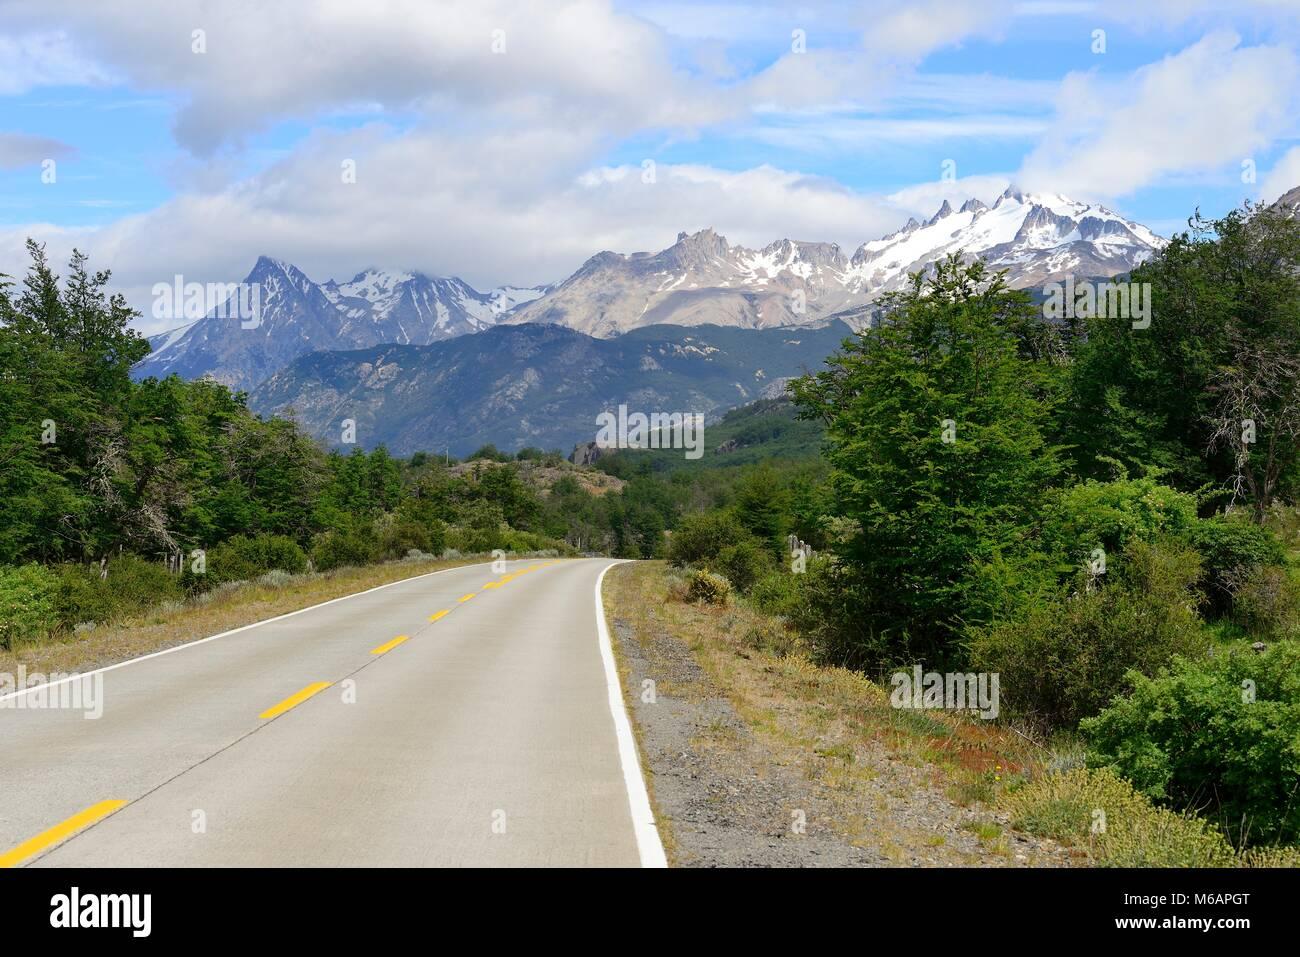 Asphalted section of the Carretera Austral, Cerro Castillo in the background, Reserva National Cerro Castillo - Stock Image